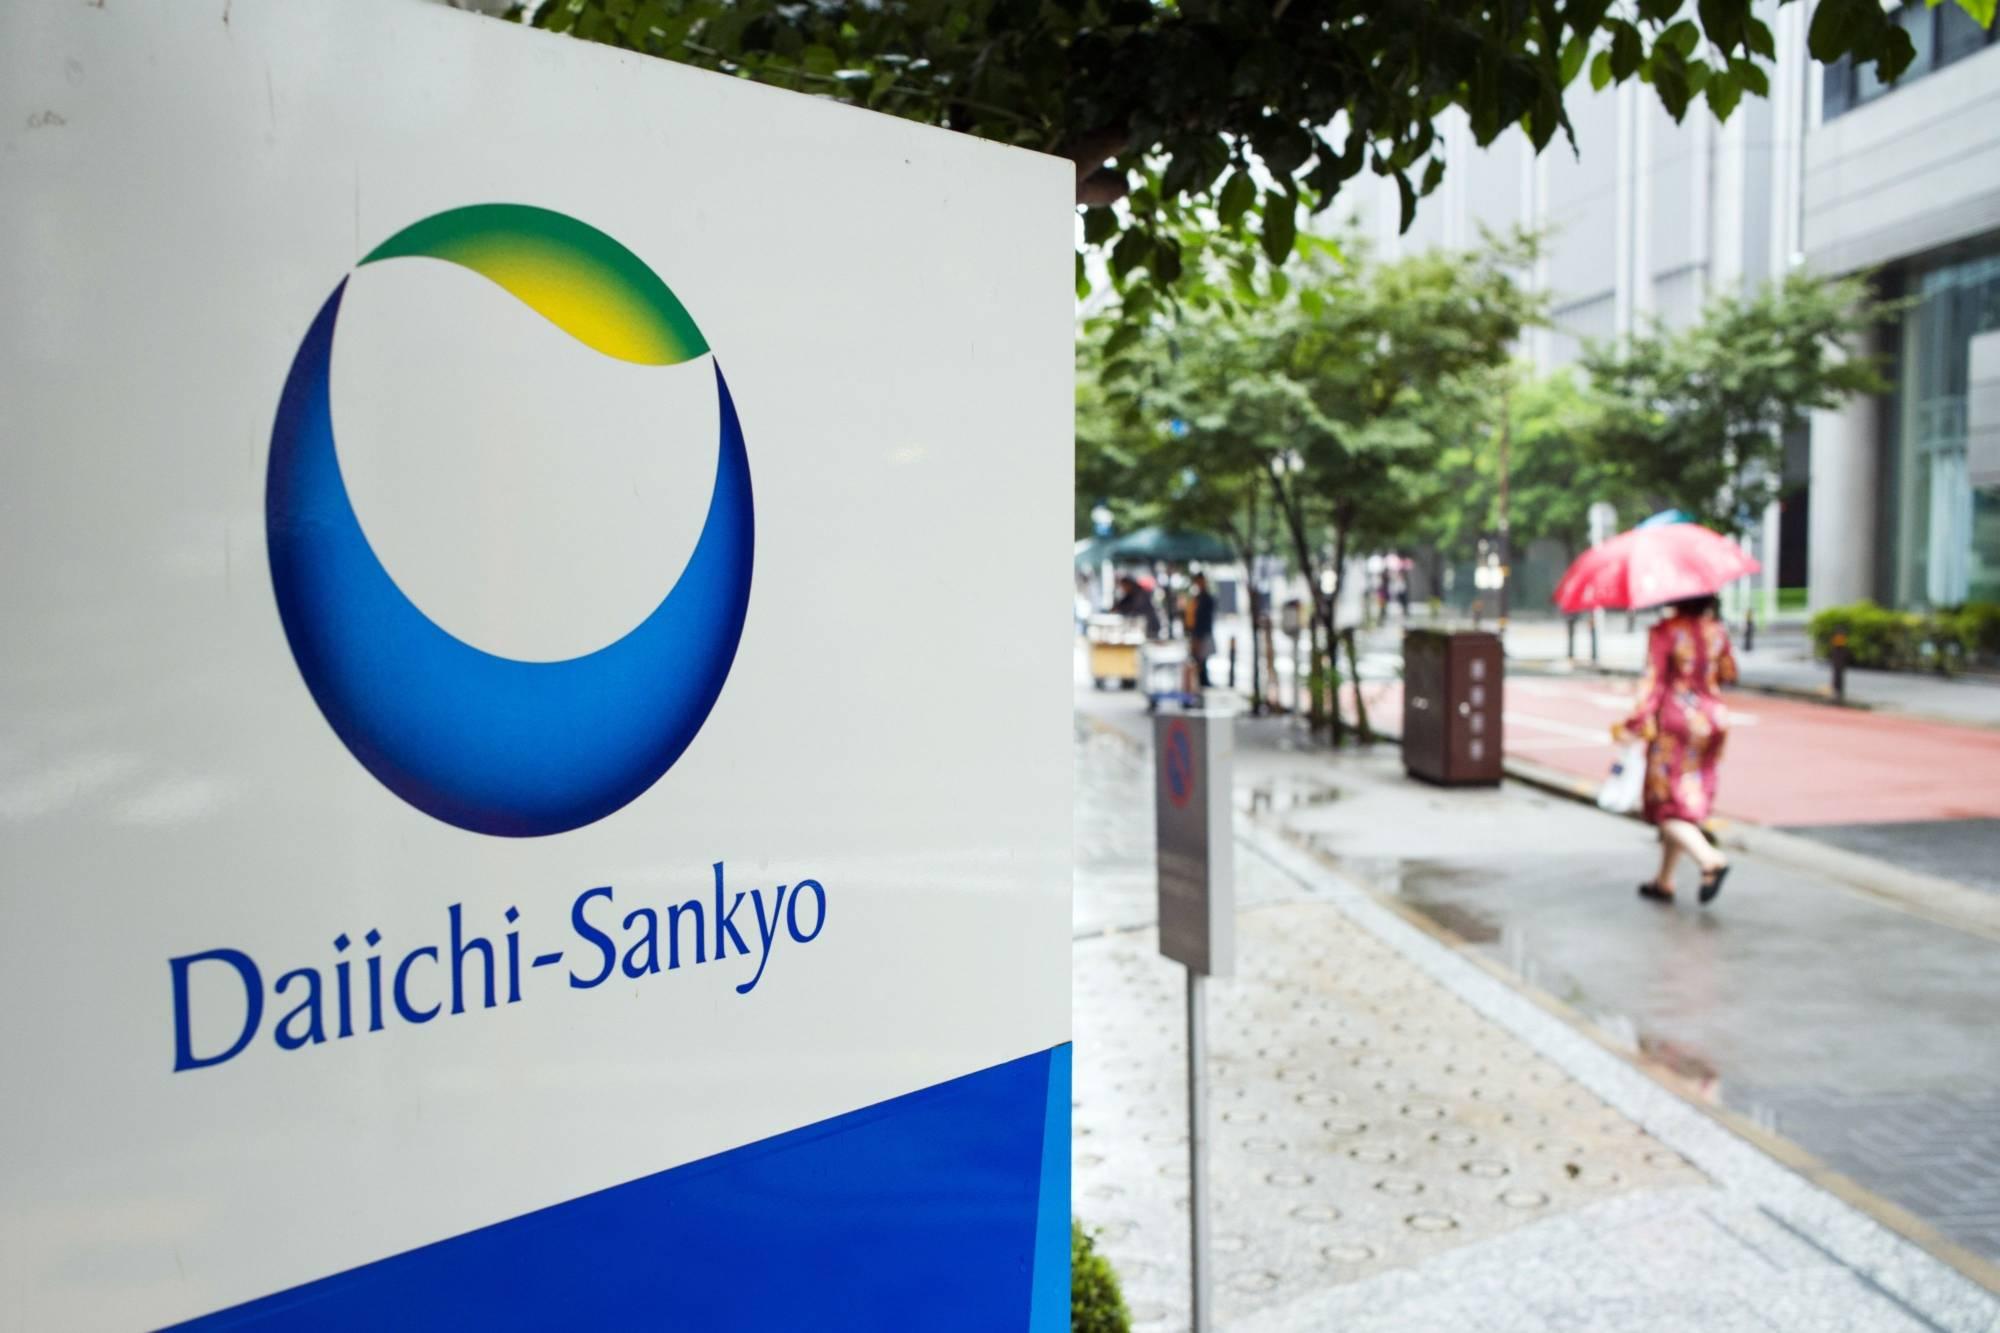 जापानमा नयाँ कोरोनाको खोप निर्माण अन्तिम चरणमा, सानोफी अन्तिम क्लिनिकल परीक्षणमा